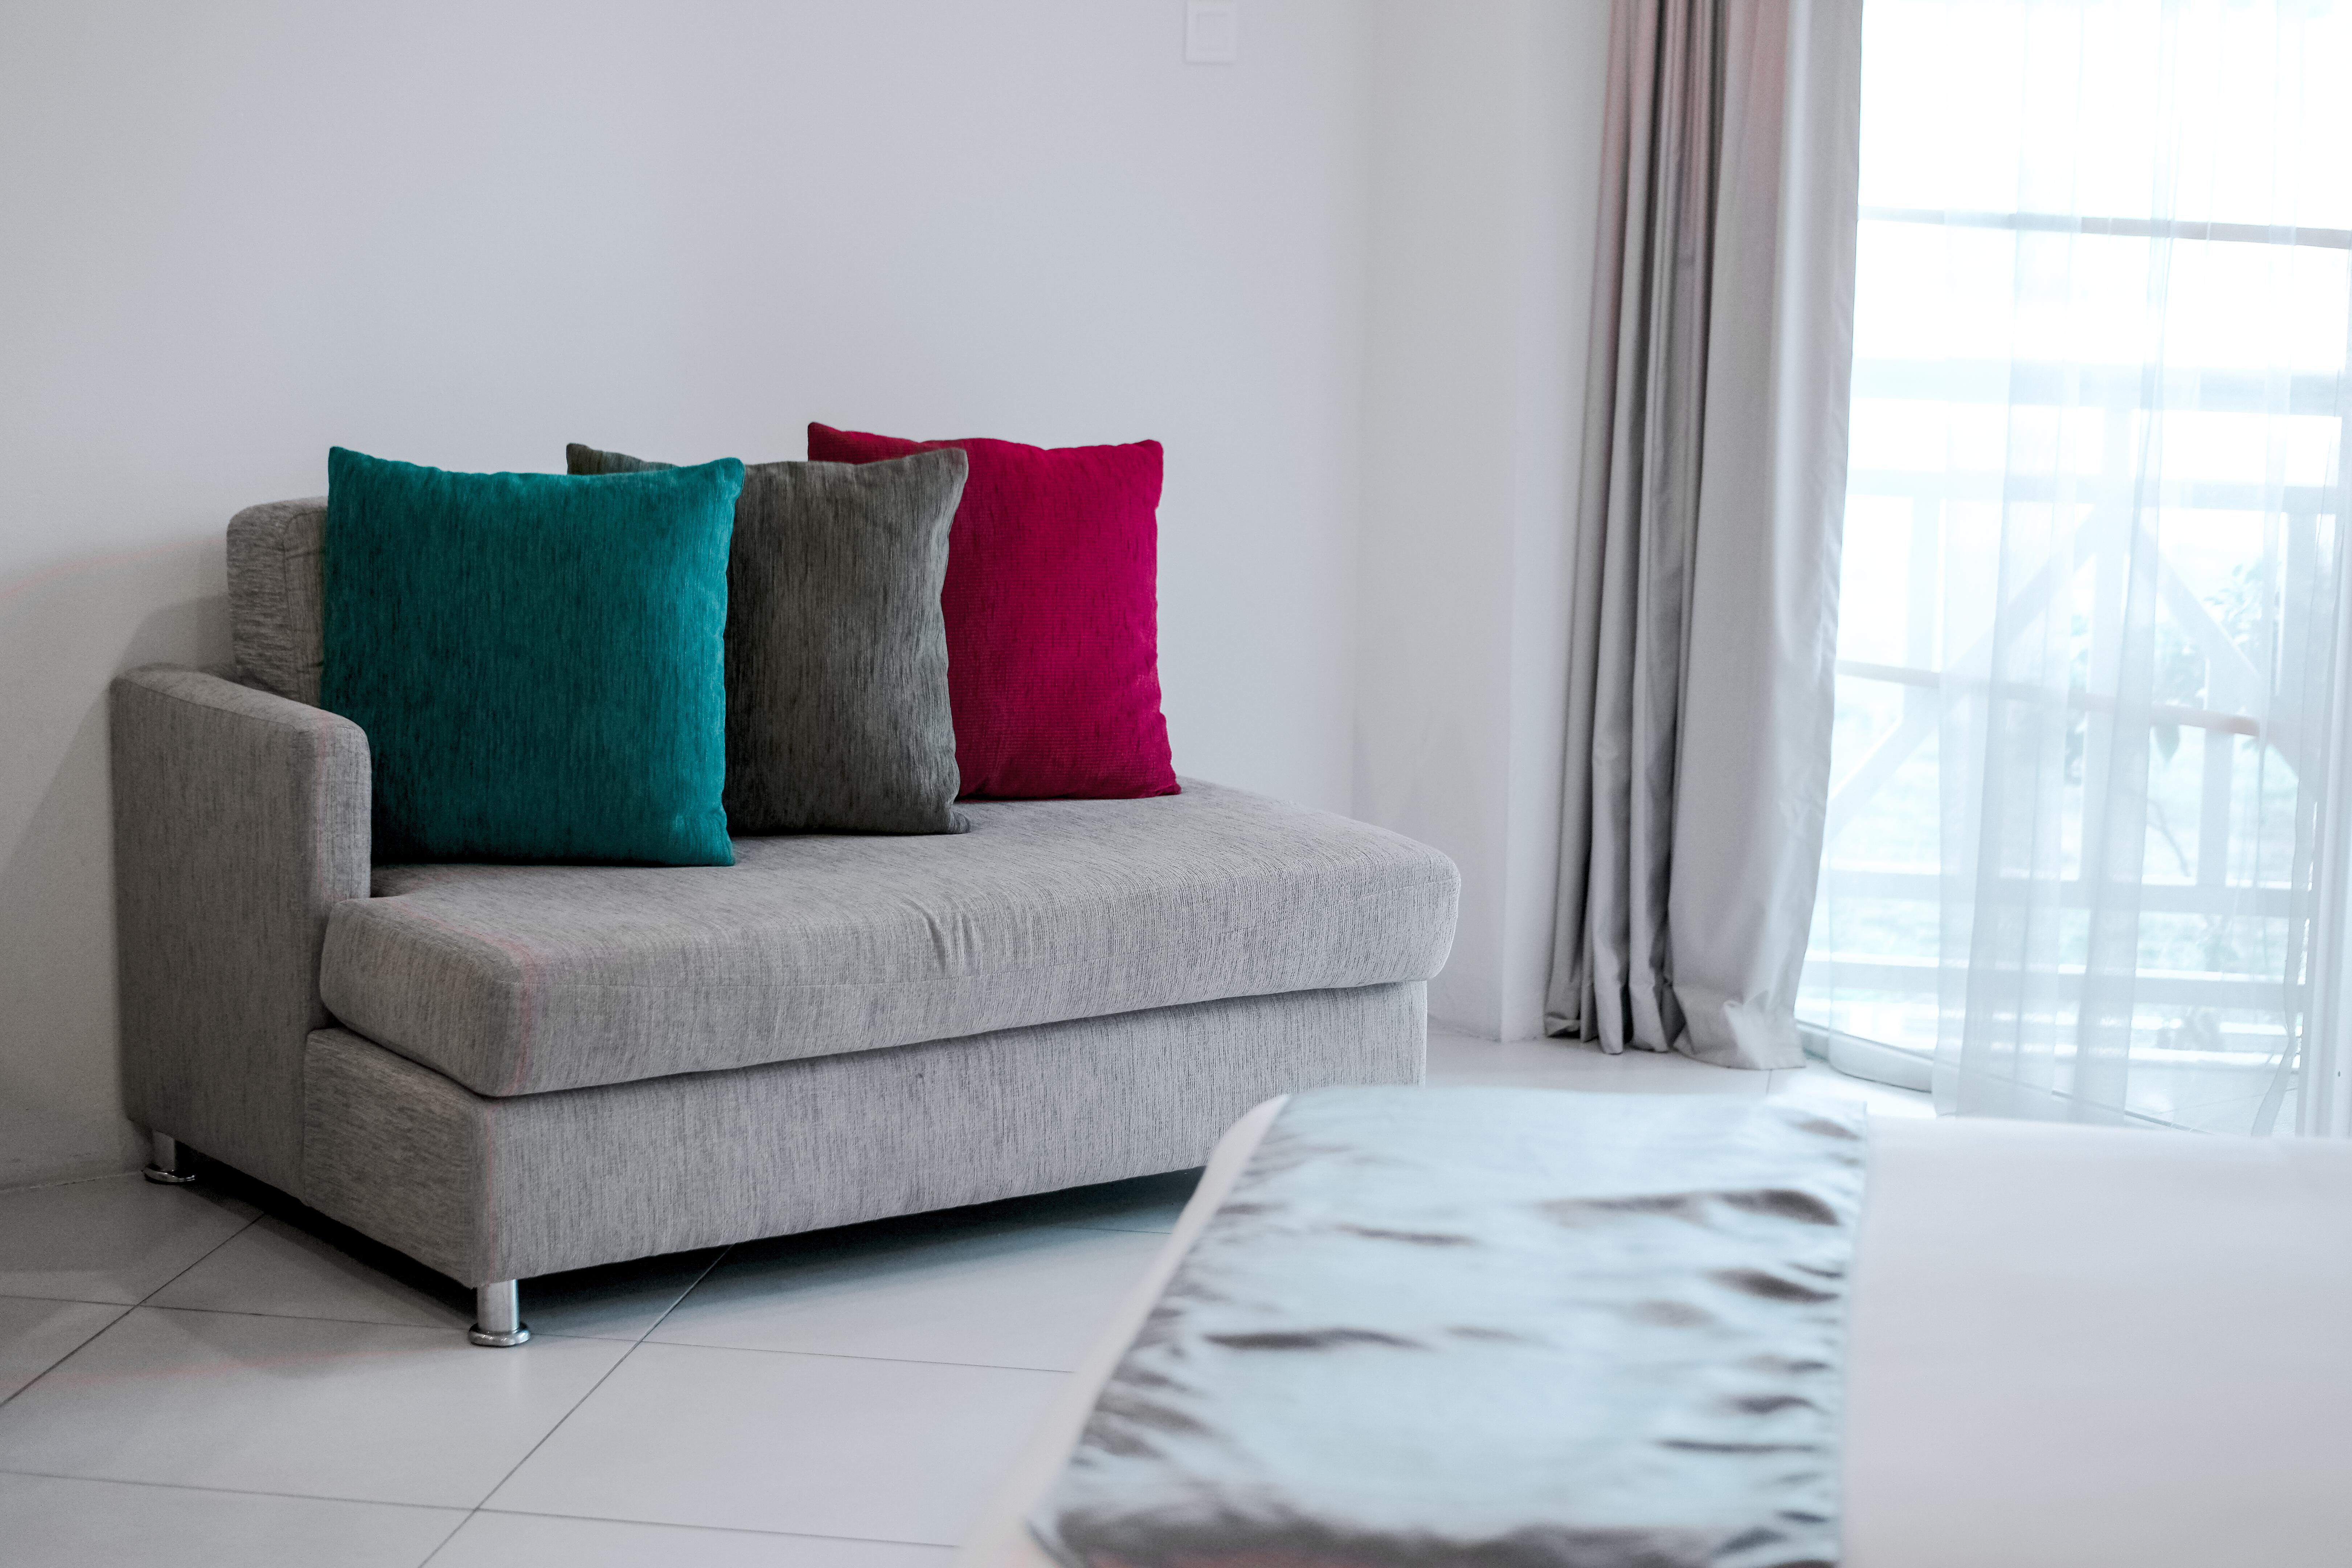 картинки таблица стул окно главная гостиная мебель комната